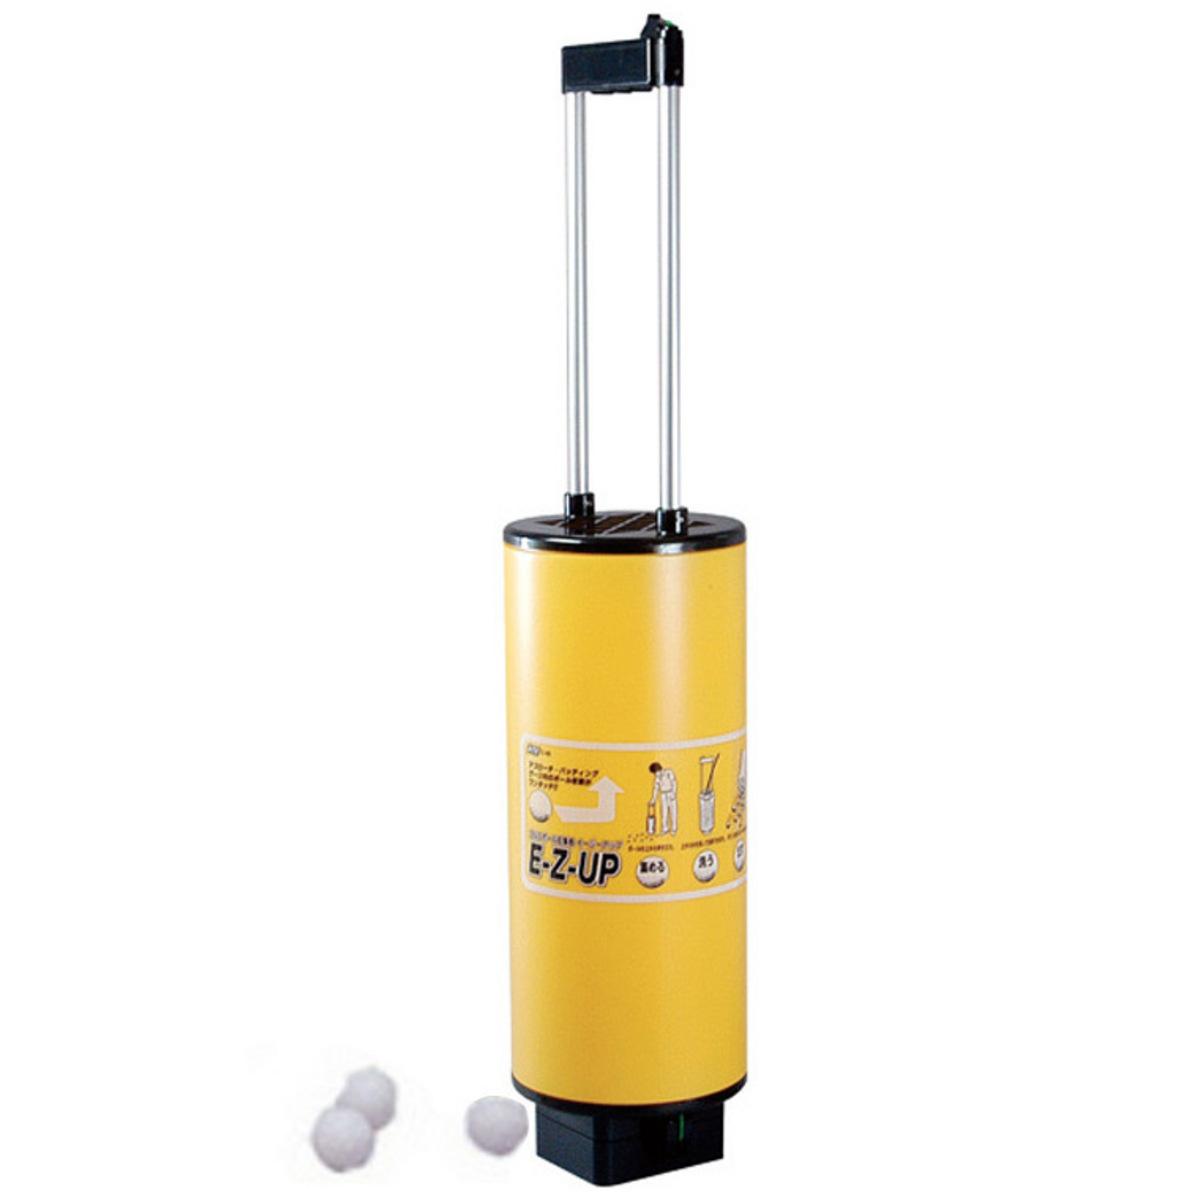 ボール収集器 イージーアップ C-48